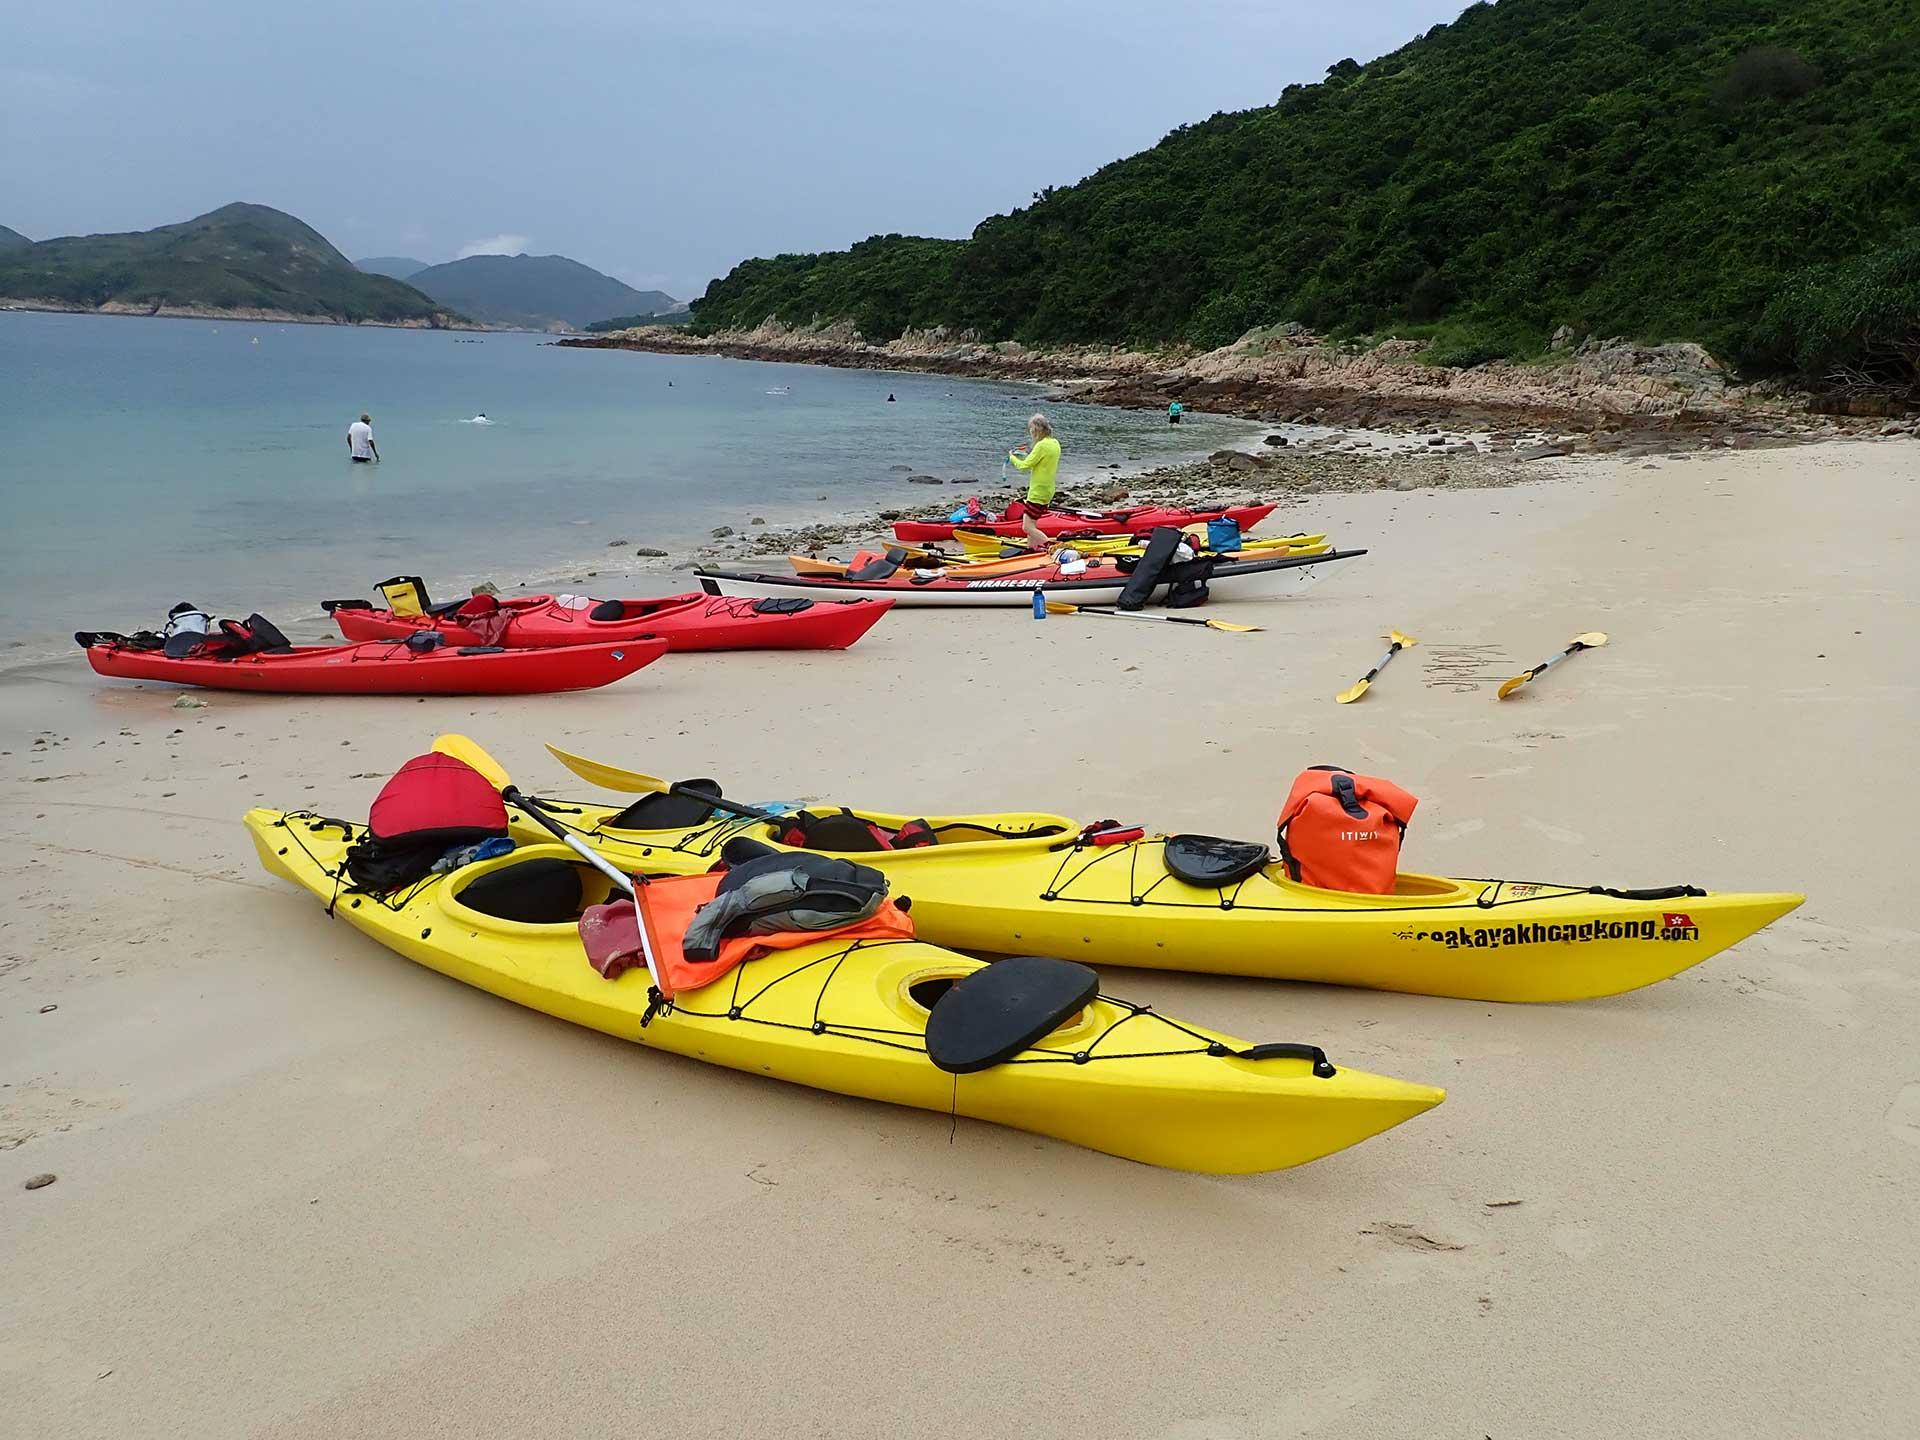 ocean tourer sea kayakson a beach